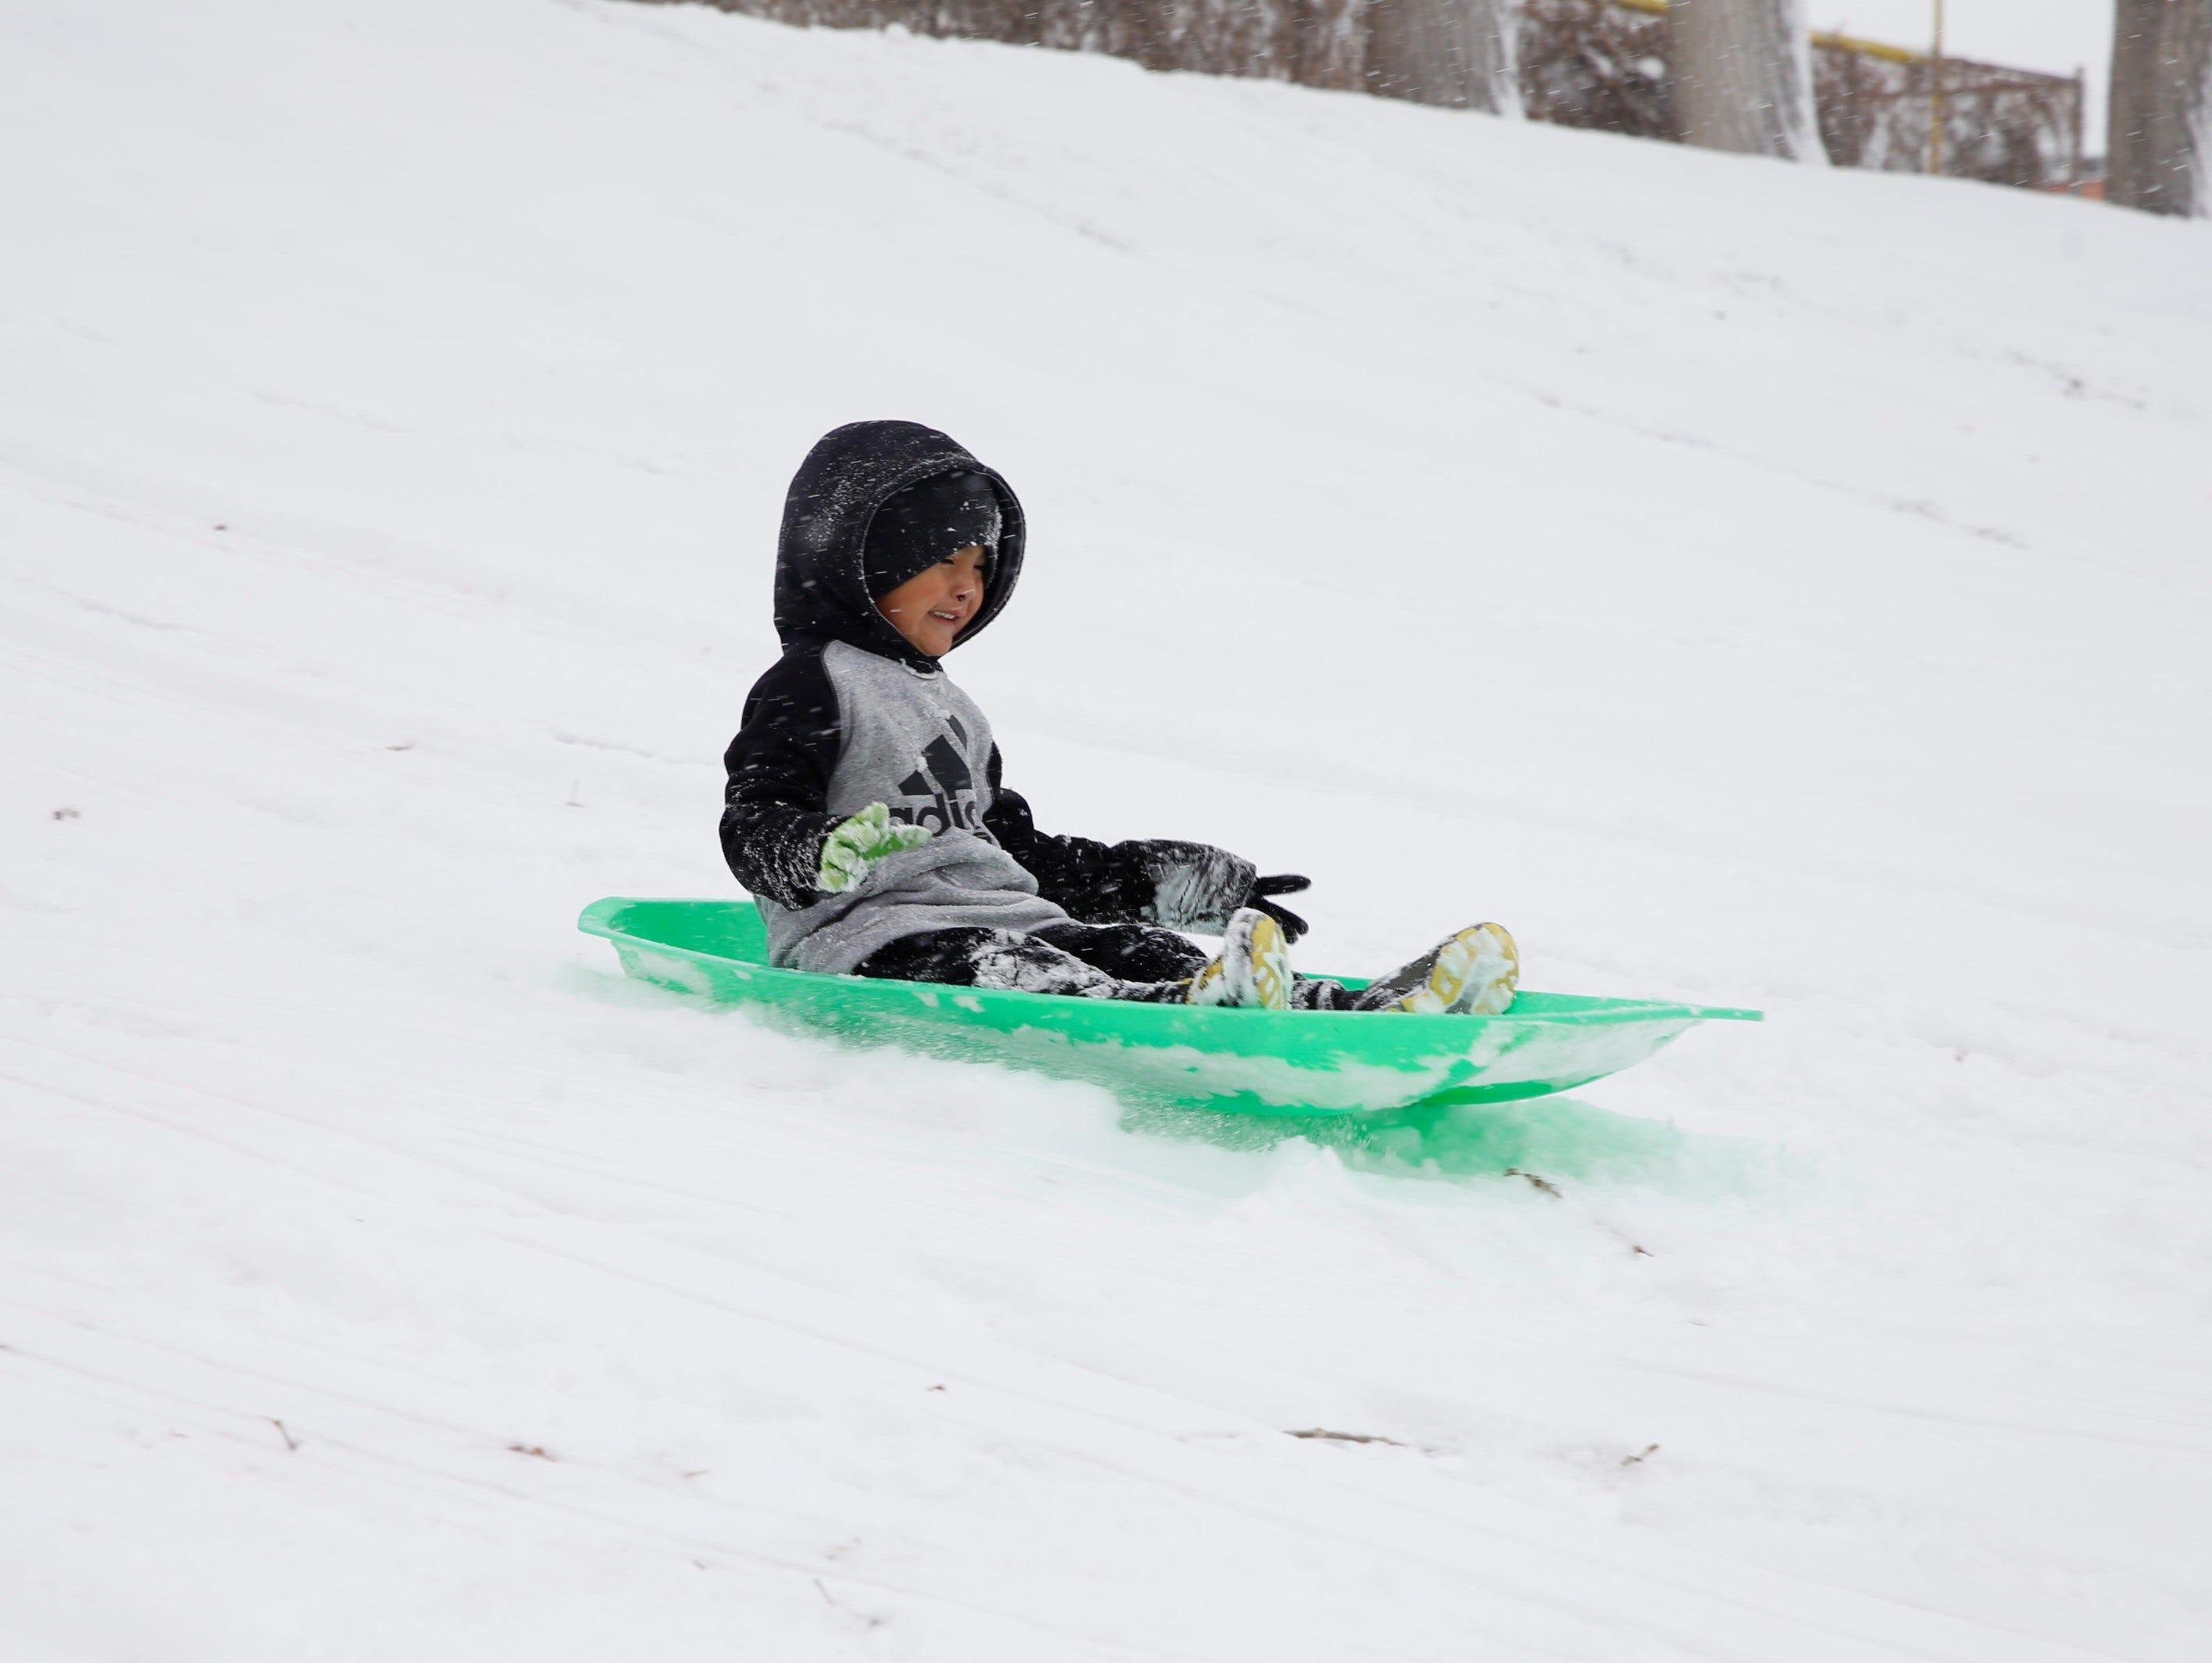 Karnell Jacquez slides down a hill on Monday at Civitan Park in Farmington.